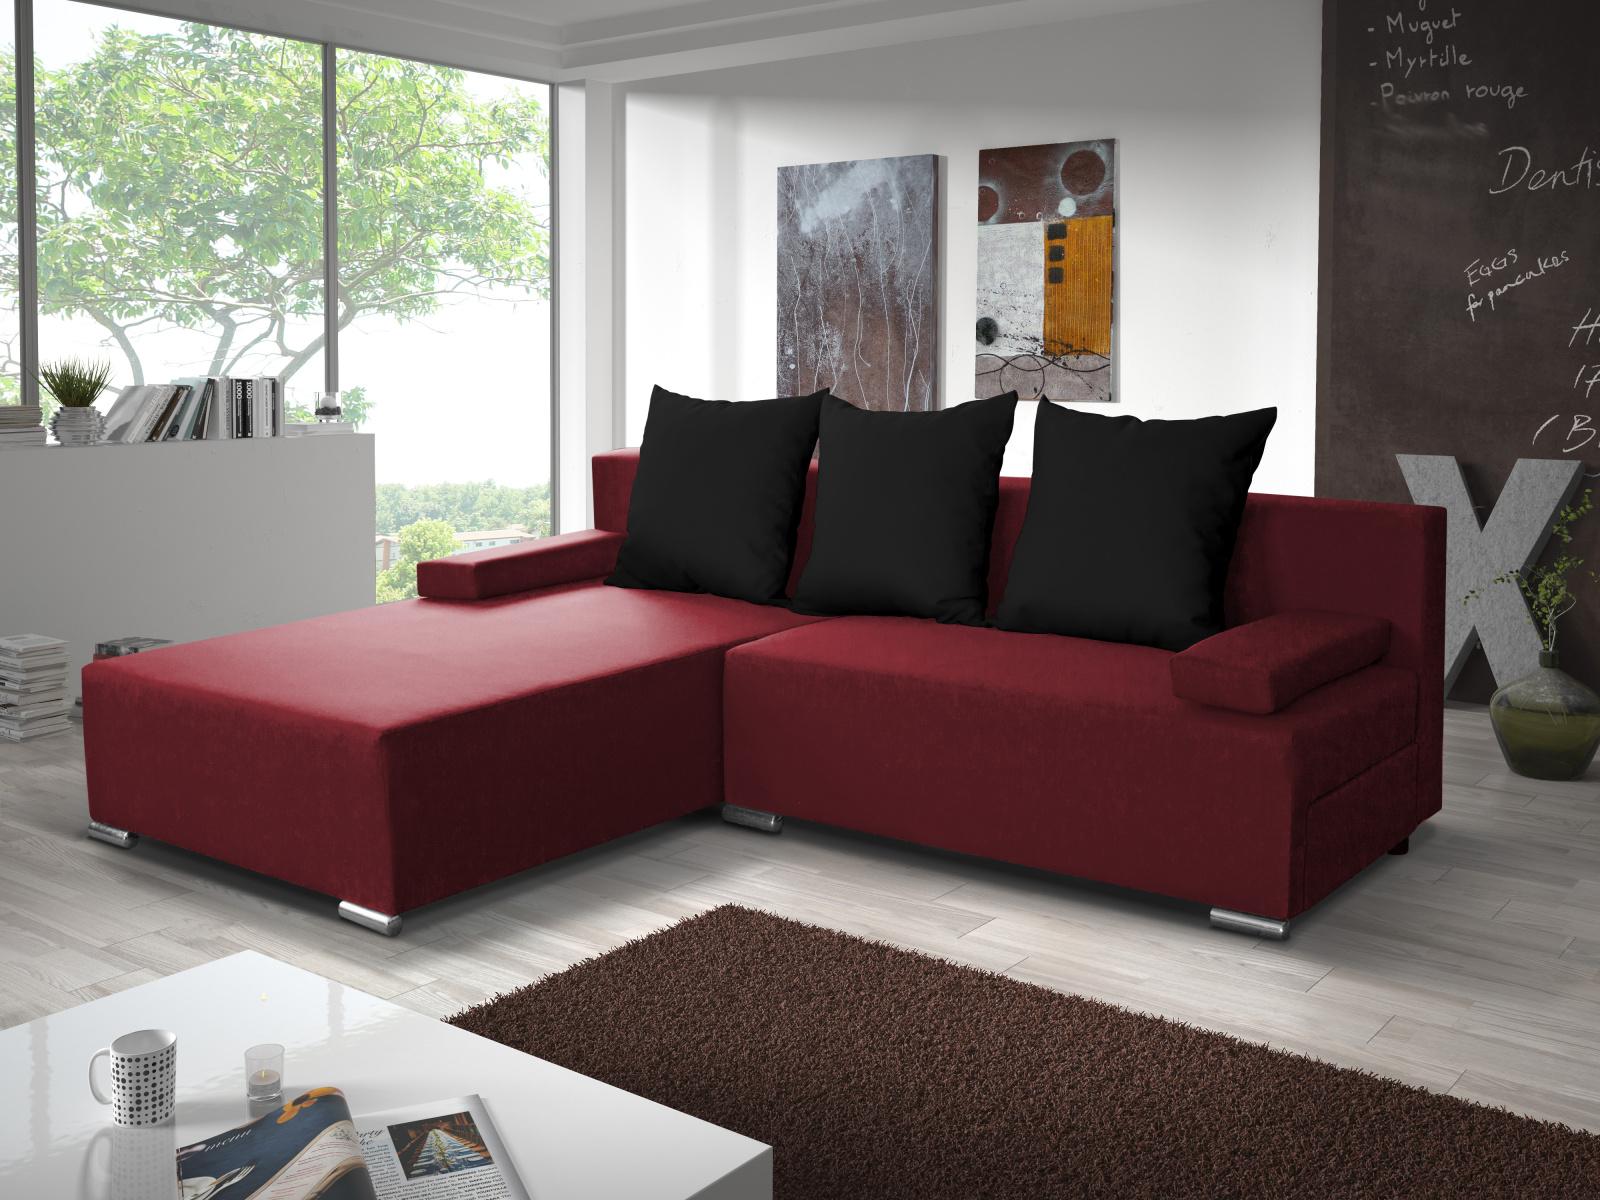 Smartshop Rohová sedačka CANDY 6, červená/černá